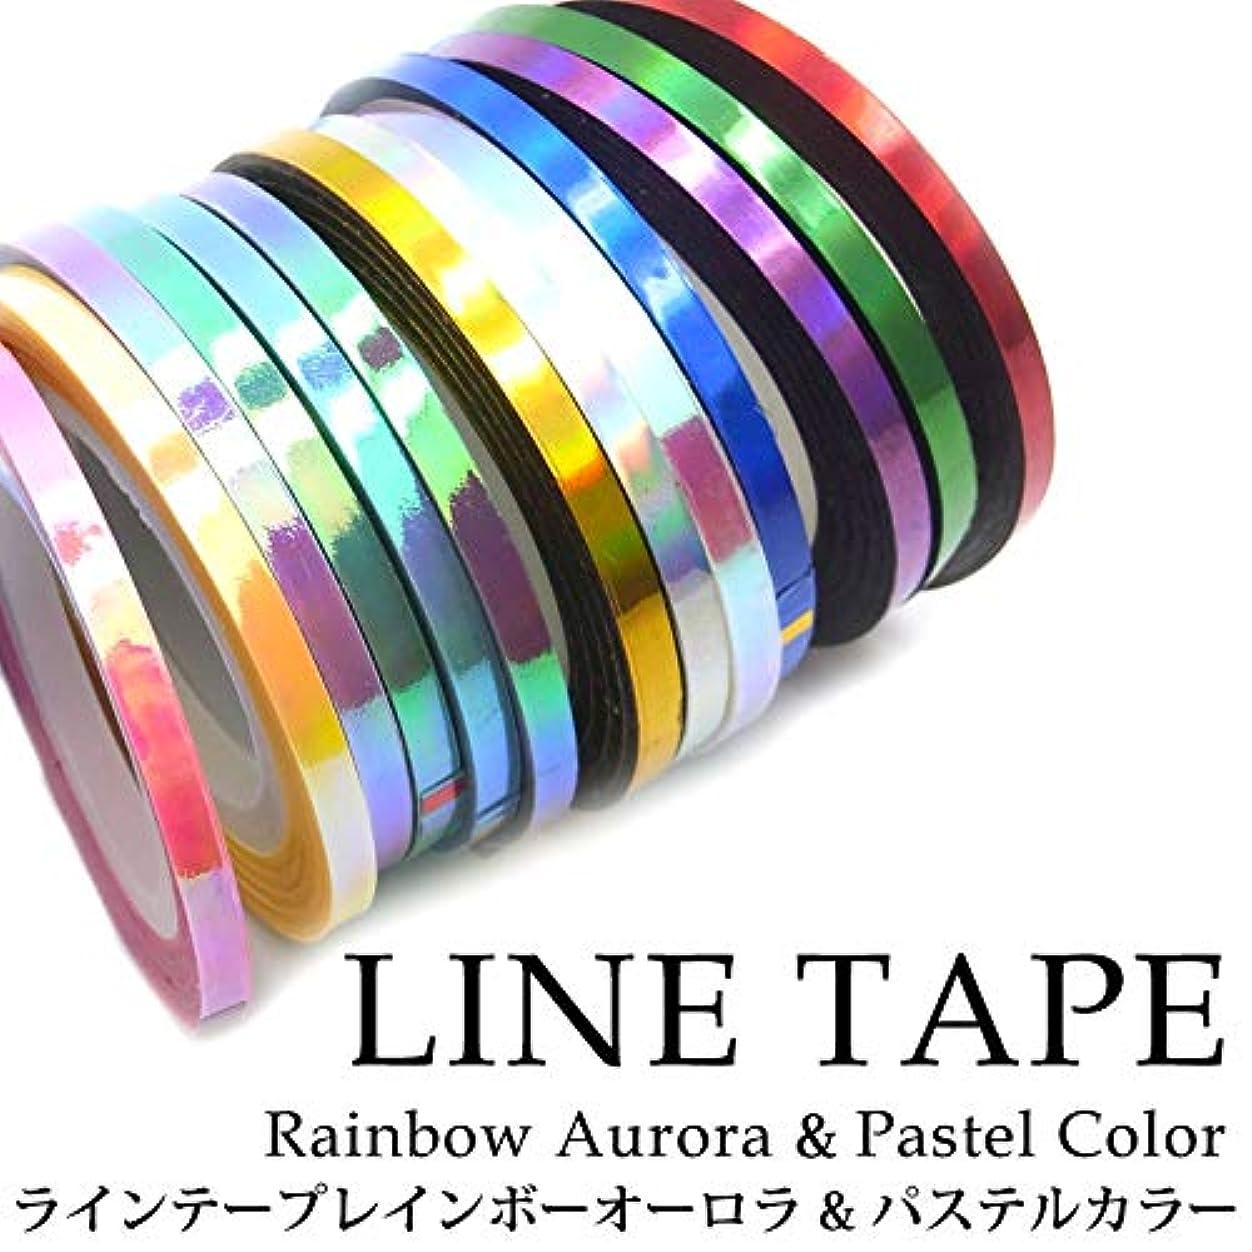 ホールオンスフリースラインテープ レインボーオーロラ & パステルカラー 各種 3サイズ (3mm, 10.パステルラベンダー)